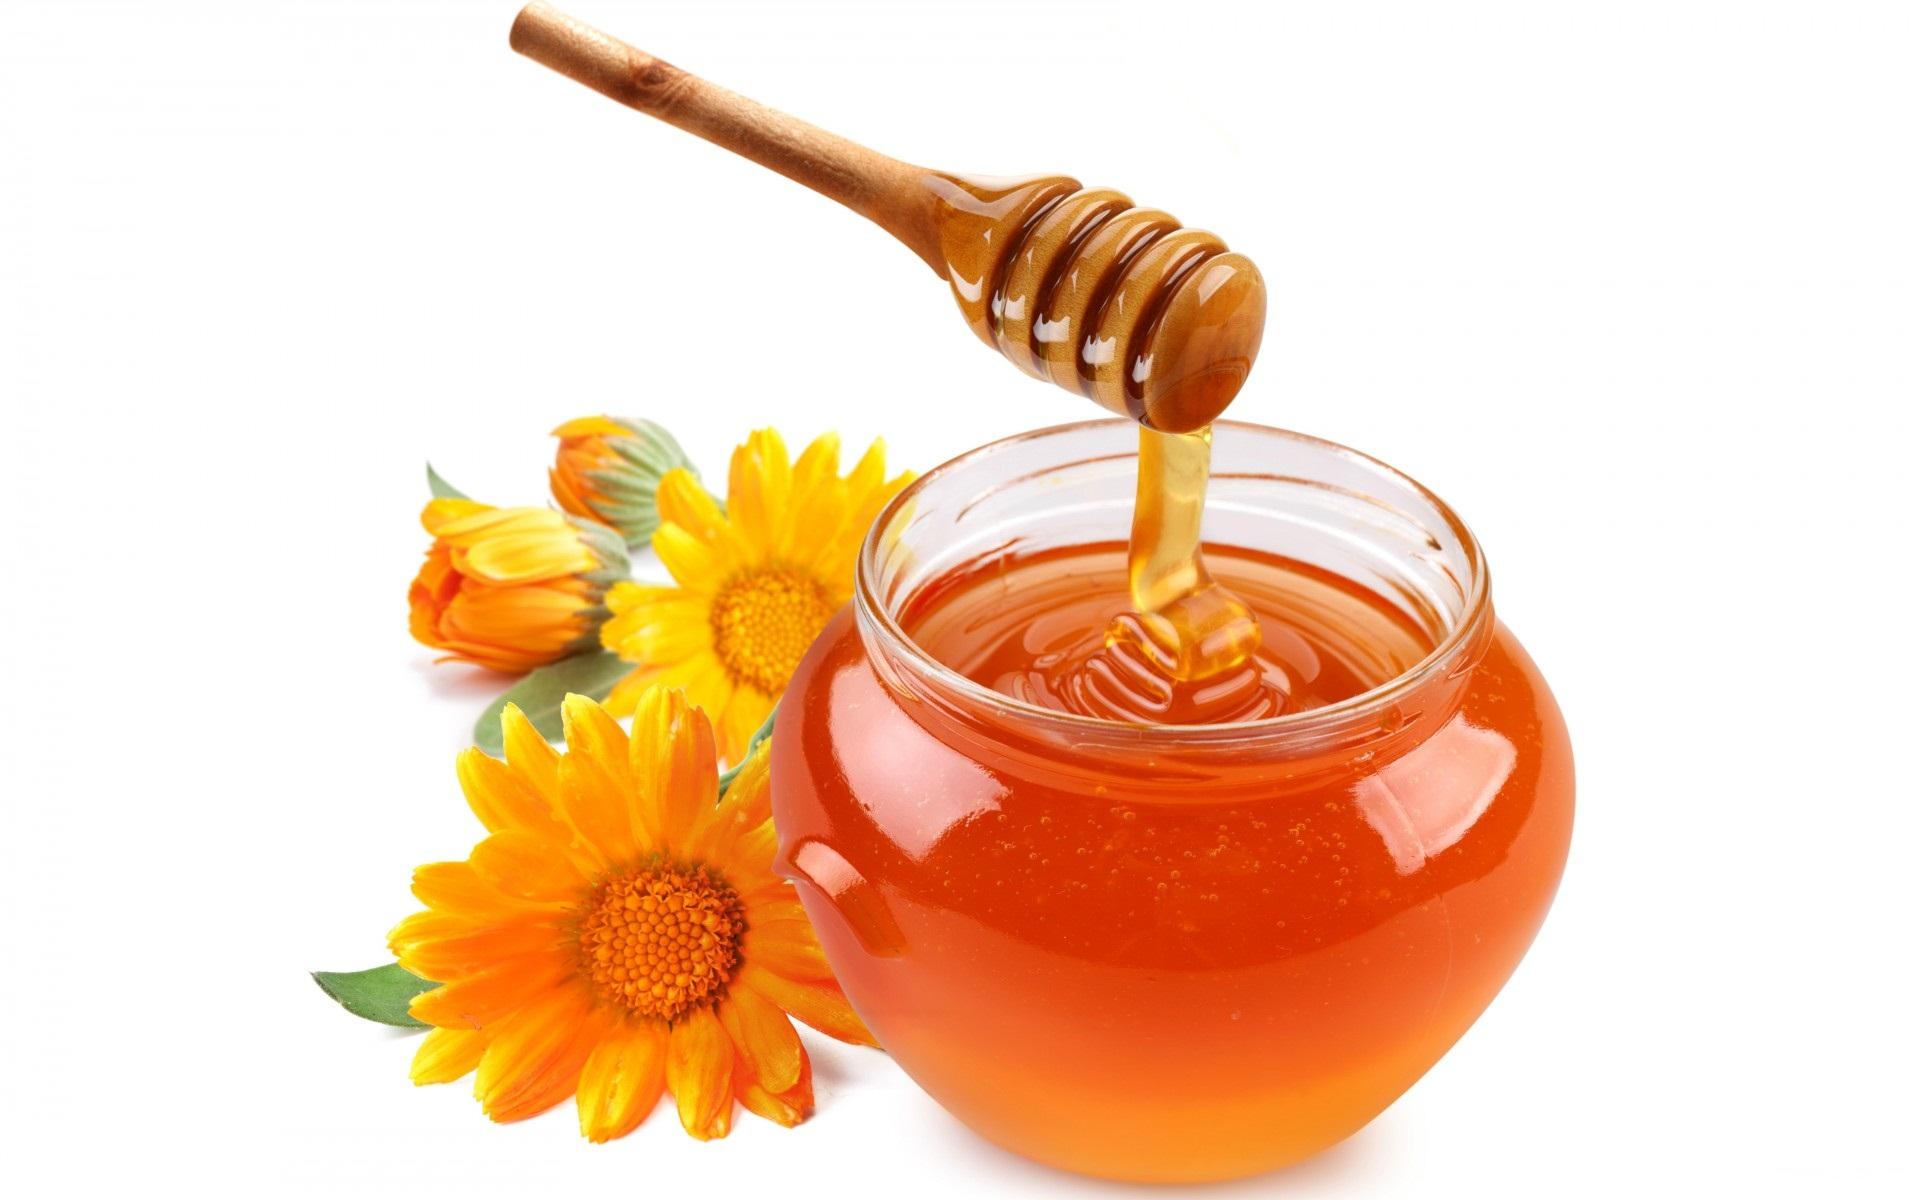 Thực phẩm không nên kết hợp với mật ong, gây nguy hại cho sức khỏe 2